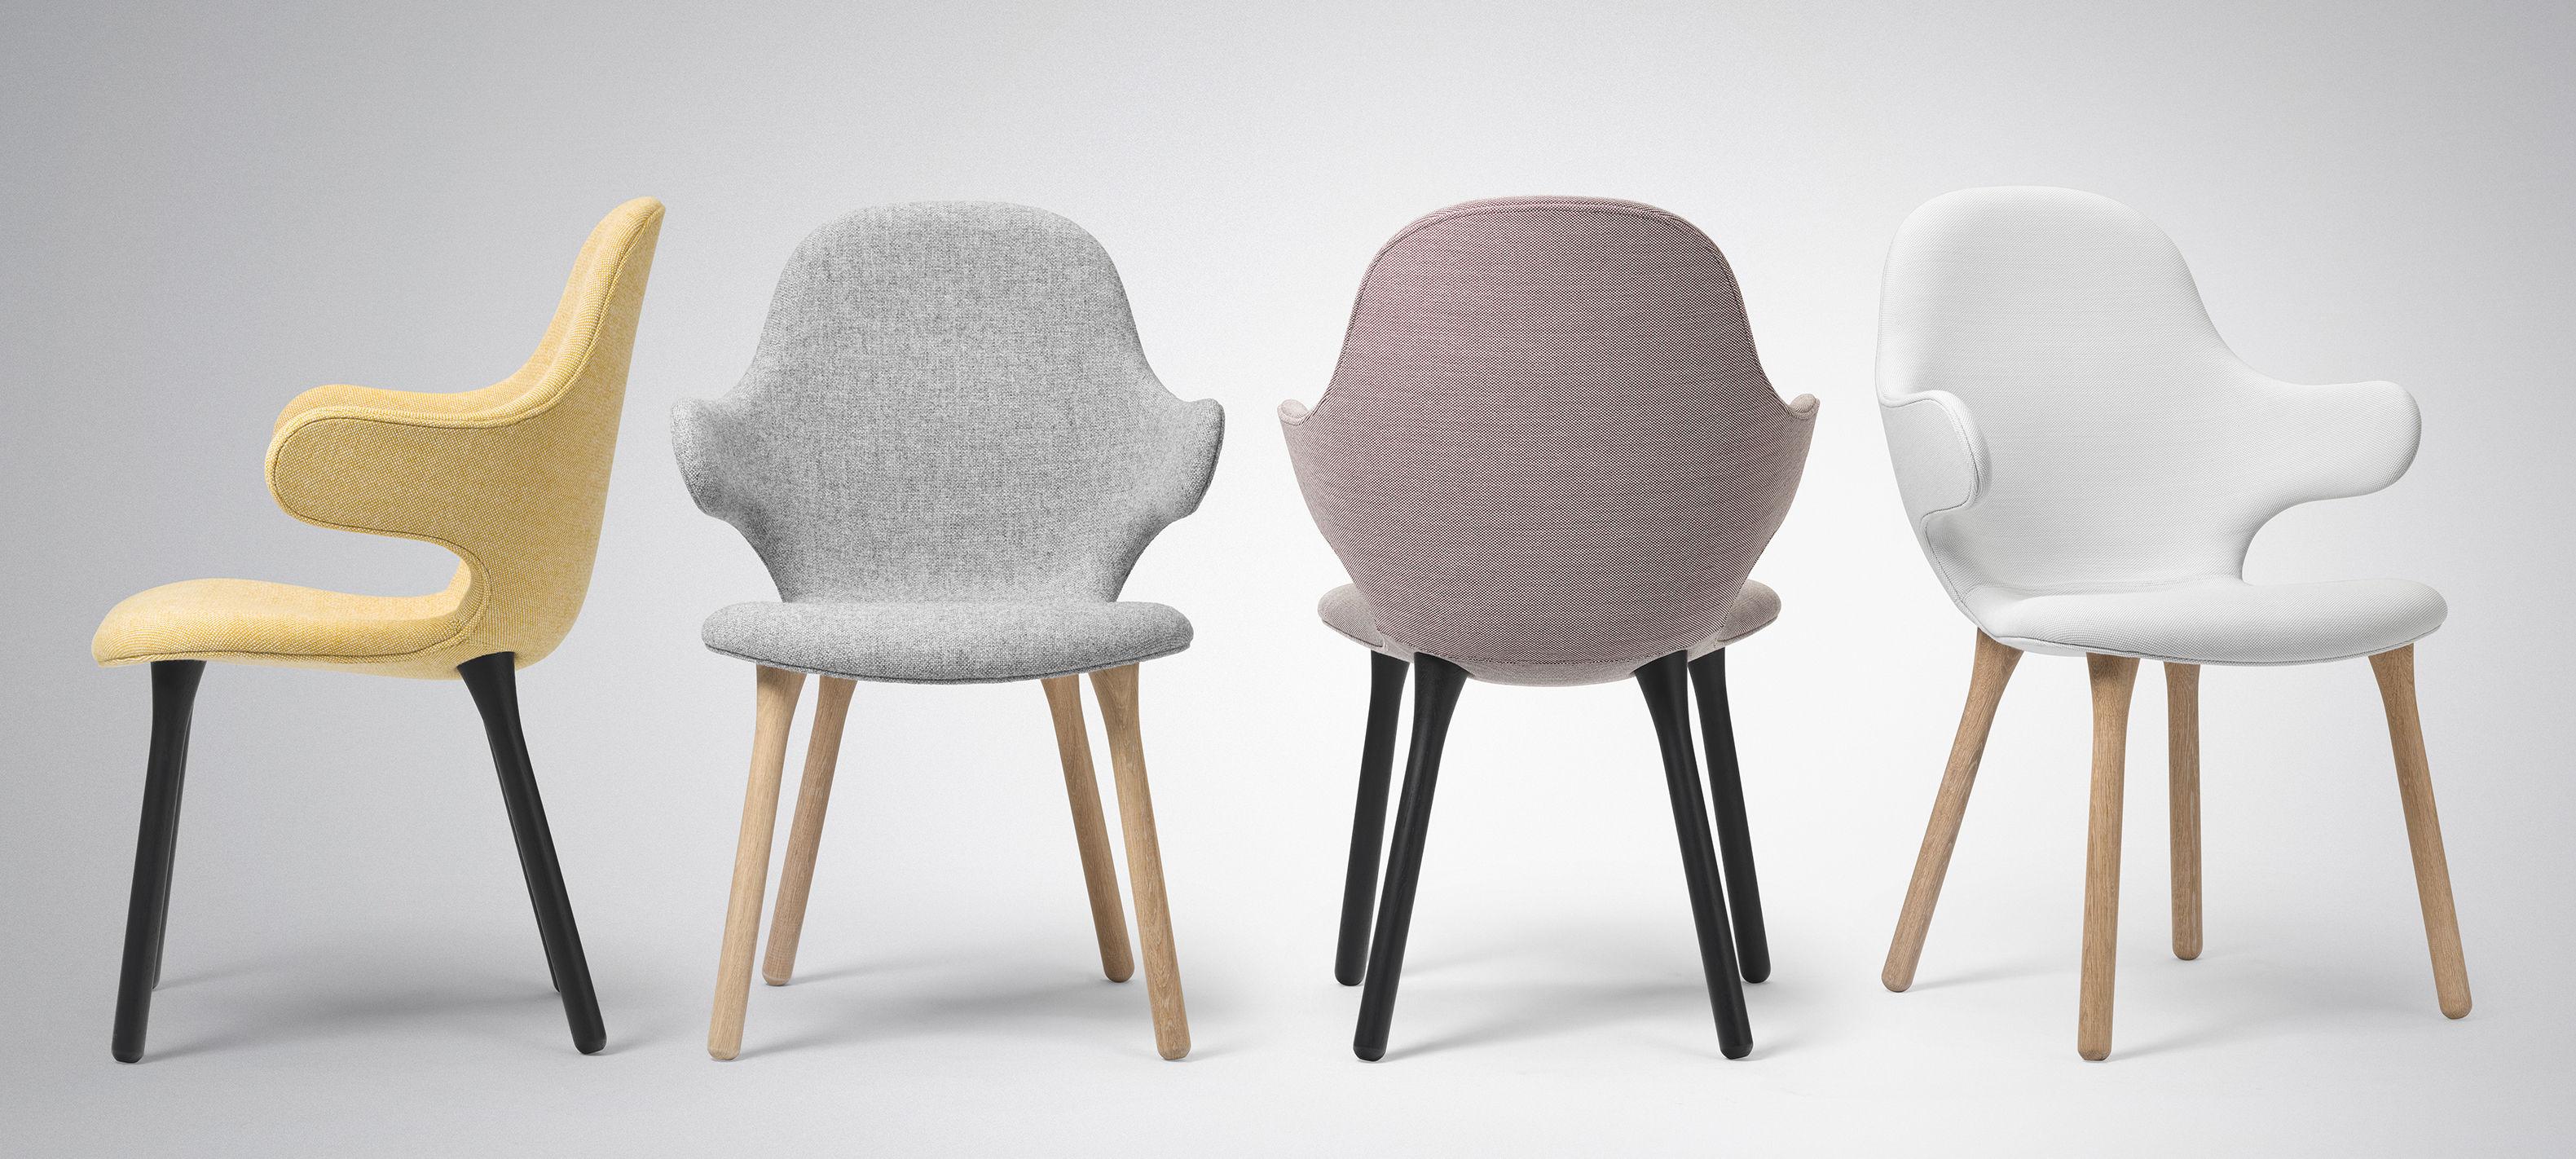 catch kvadrat bezug stuhlbeine aus holz and tradition gepolsterter sessel. Black Bedroom Furniture Sets. Home Design Ideas